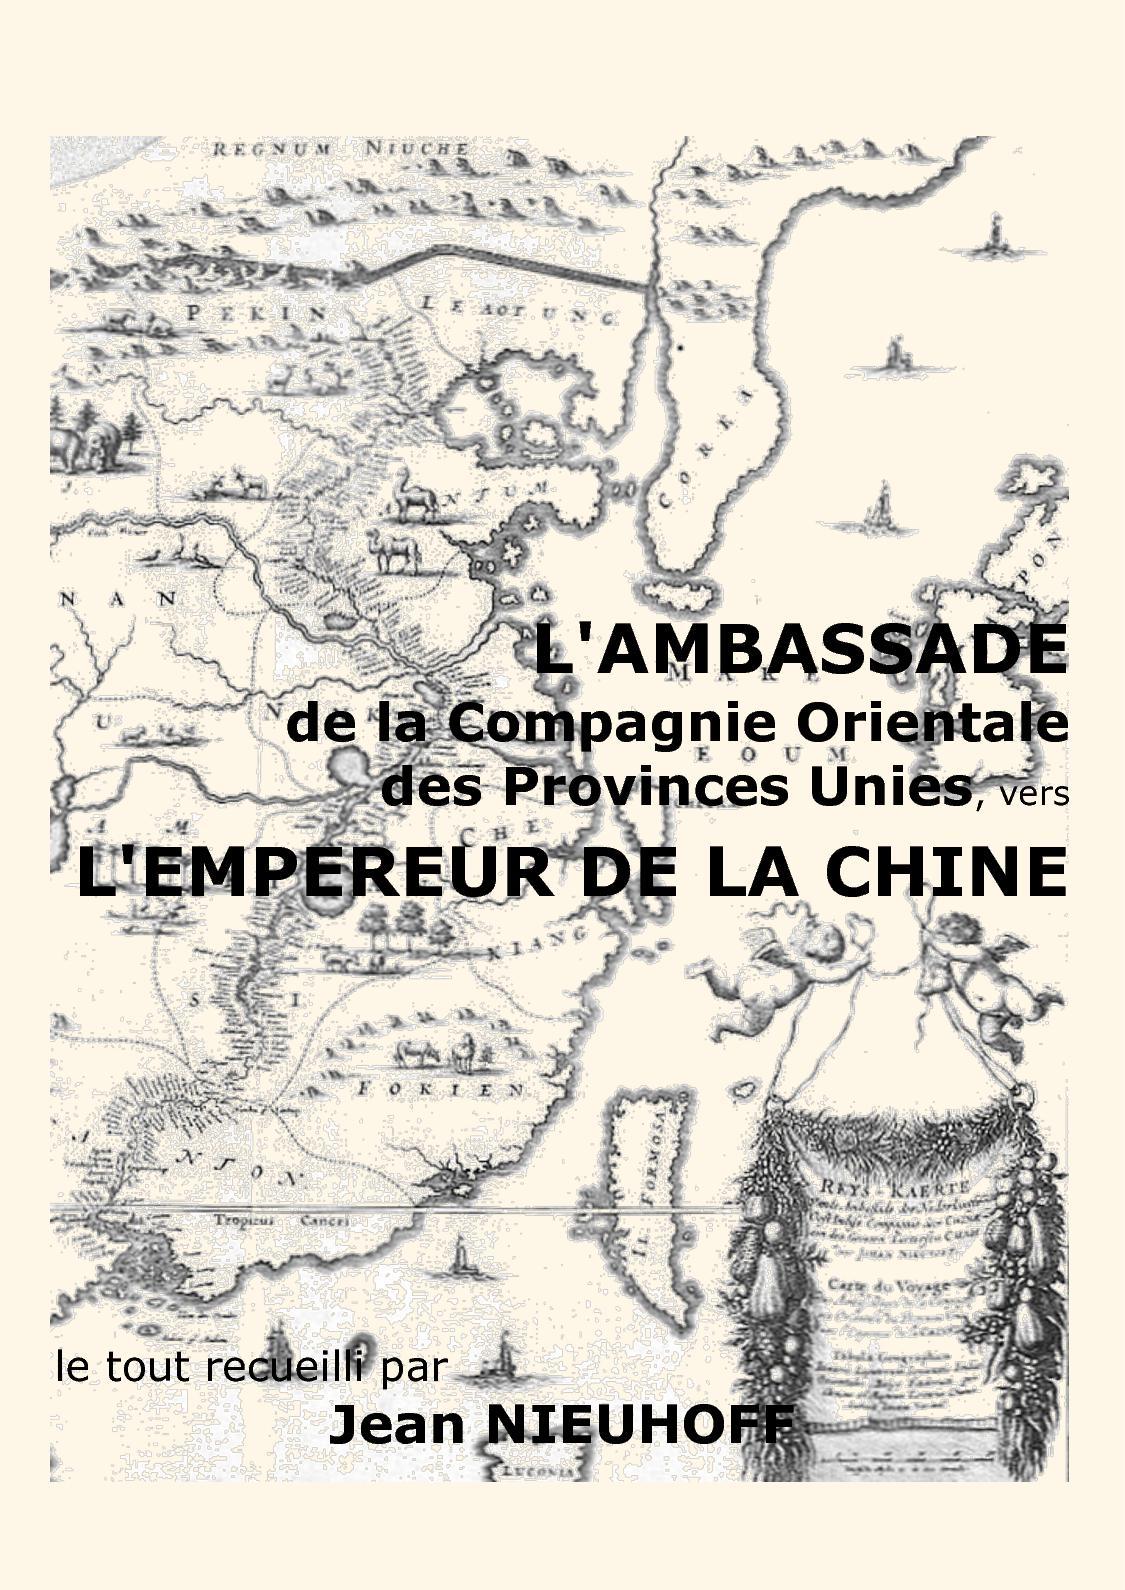 Calaméo - Nieuhoff, Jean   L ambassade de la Compagnie Orientale des  Provinces Unies vers l Empereur de la Chine ou Grand cam de Tartarie,  1655-1657. ea01e62a3de